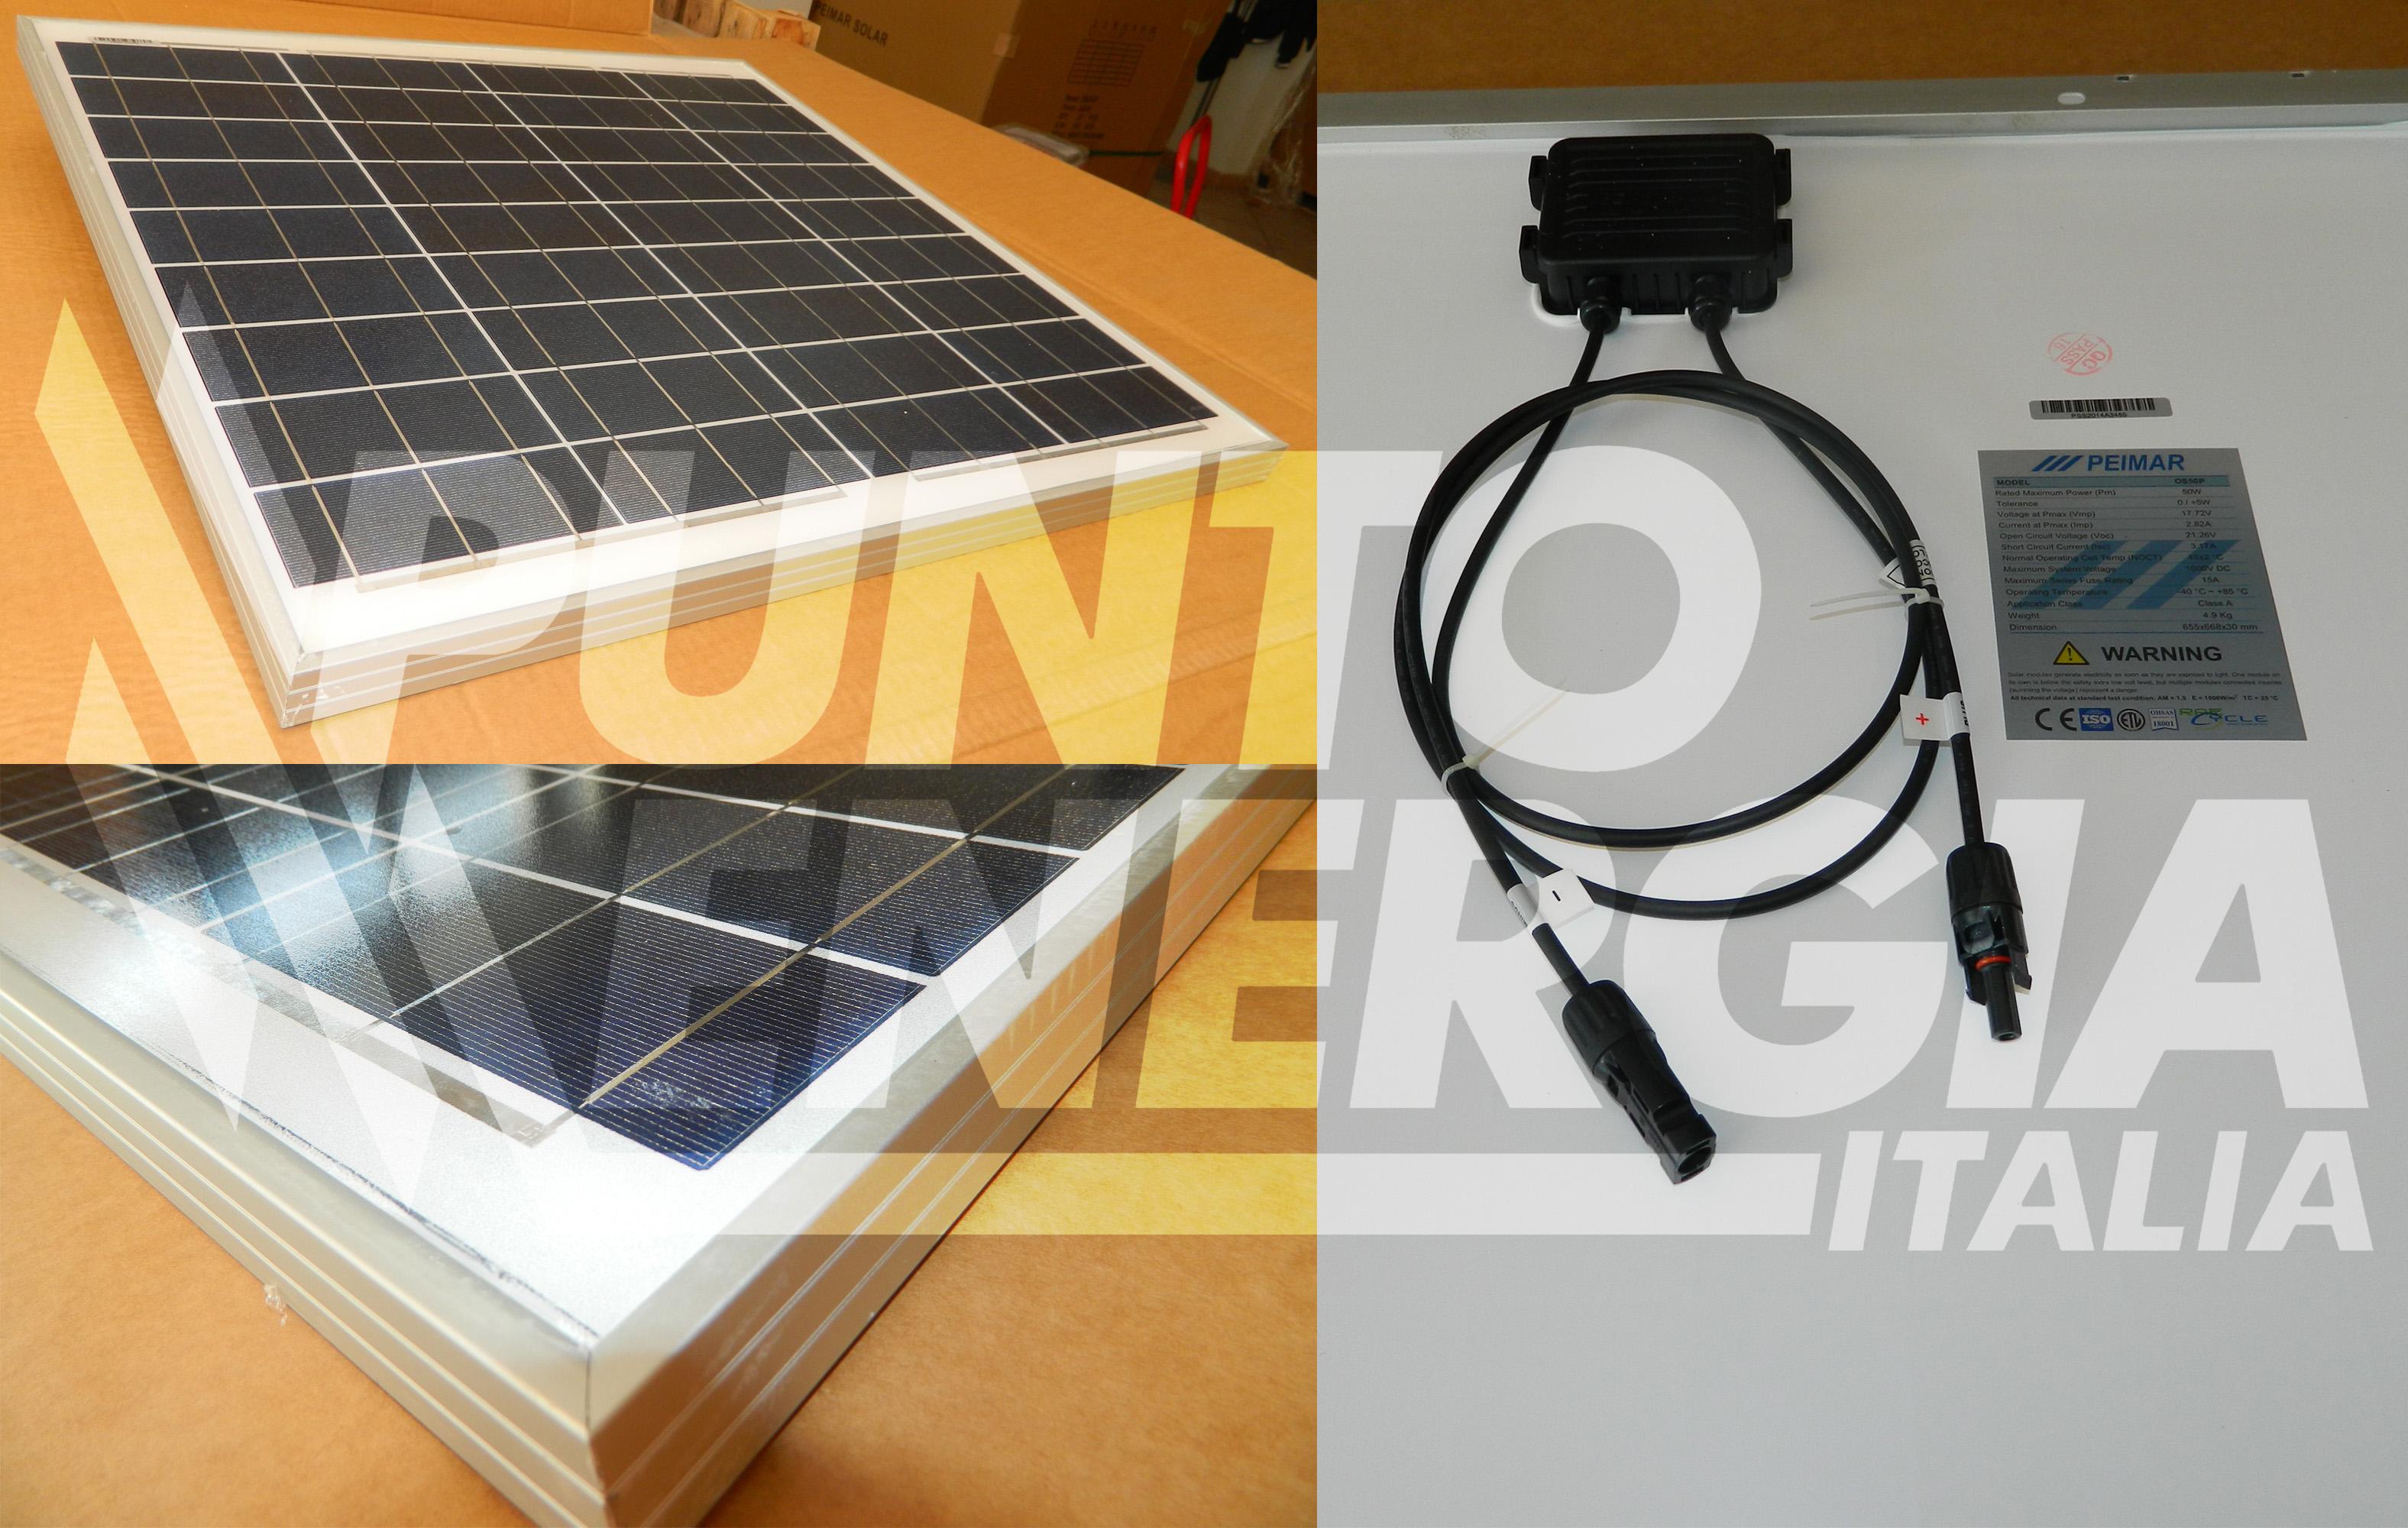 Pannello Solare Westfalia : Pannello solare fotovoltaico w v policristallino